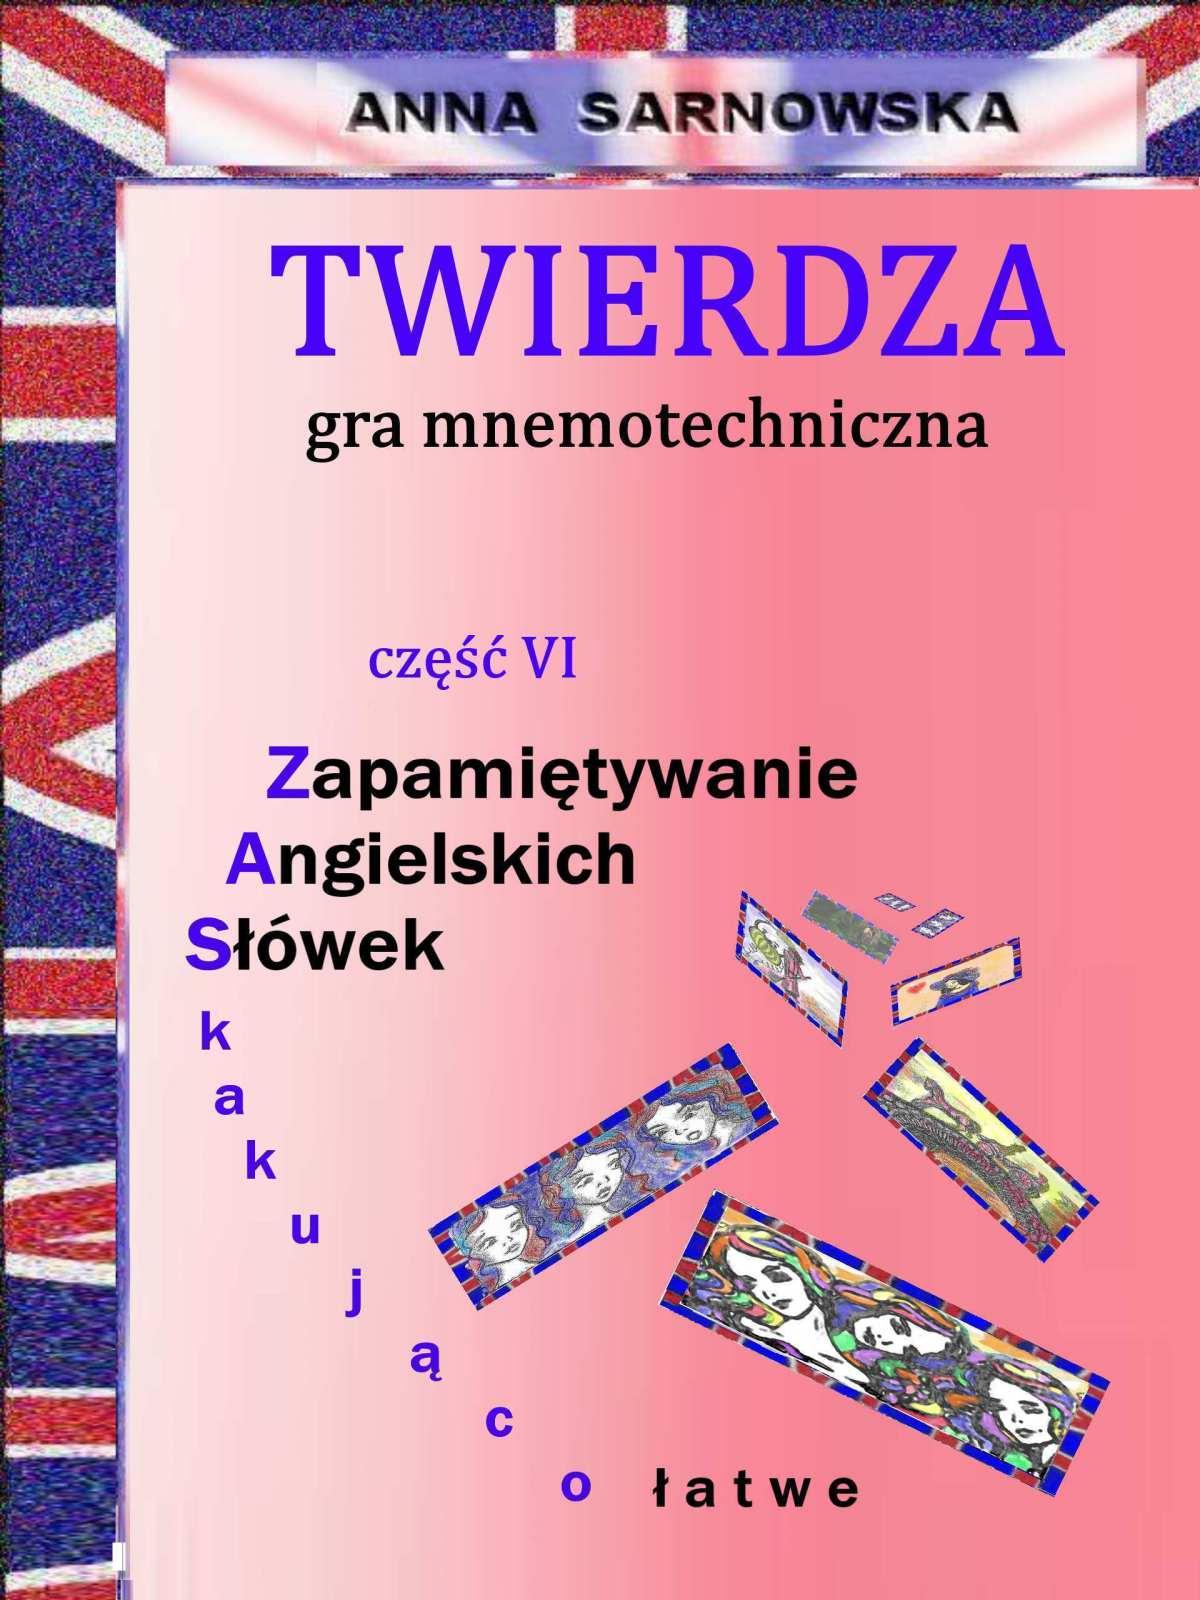 Twierdza - gra mnemotechniczna - Ebook (Książka PDF) do pobrania w formacie PDF